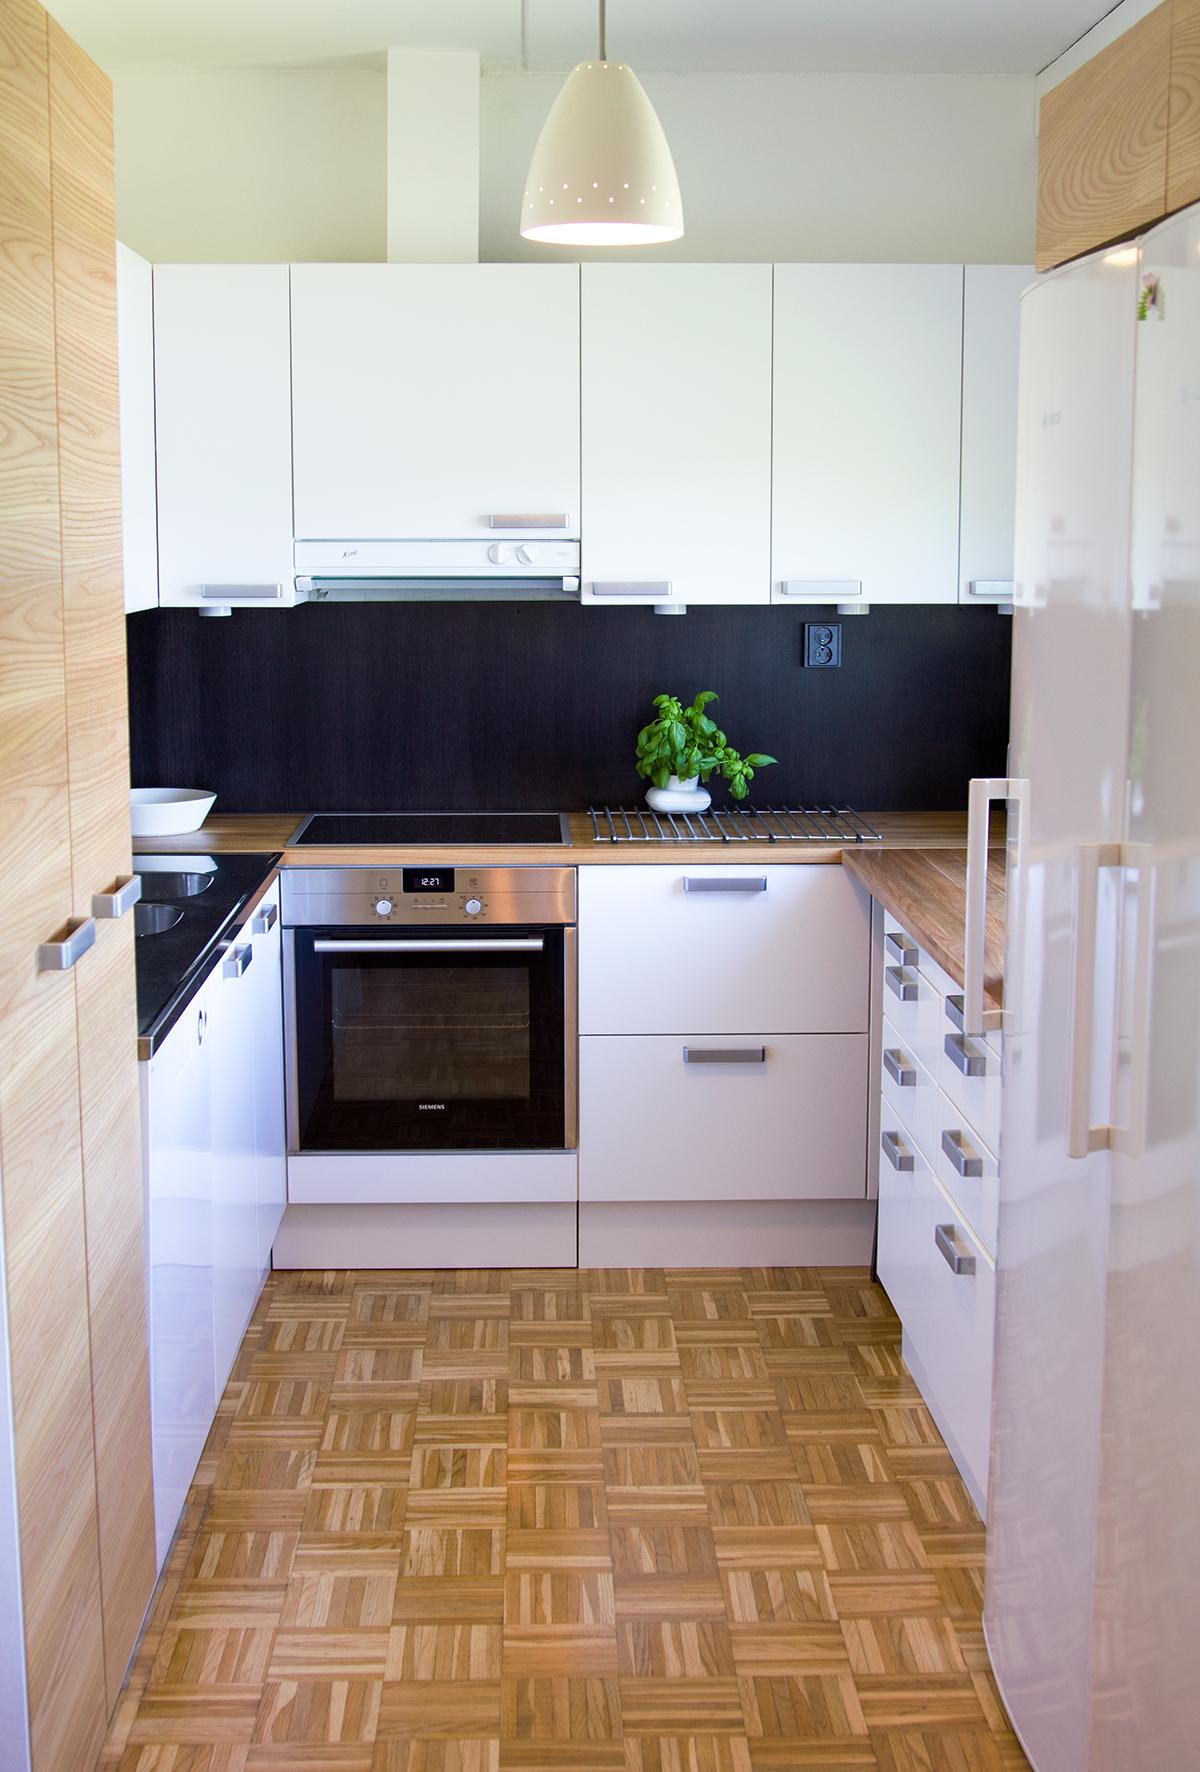 pienen u-keittion remontti valmiina